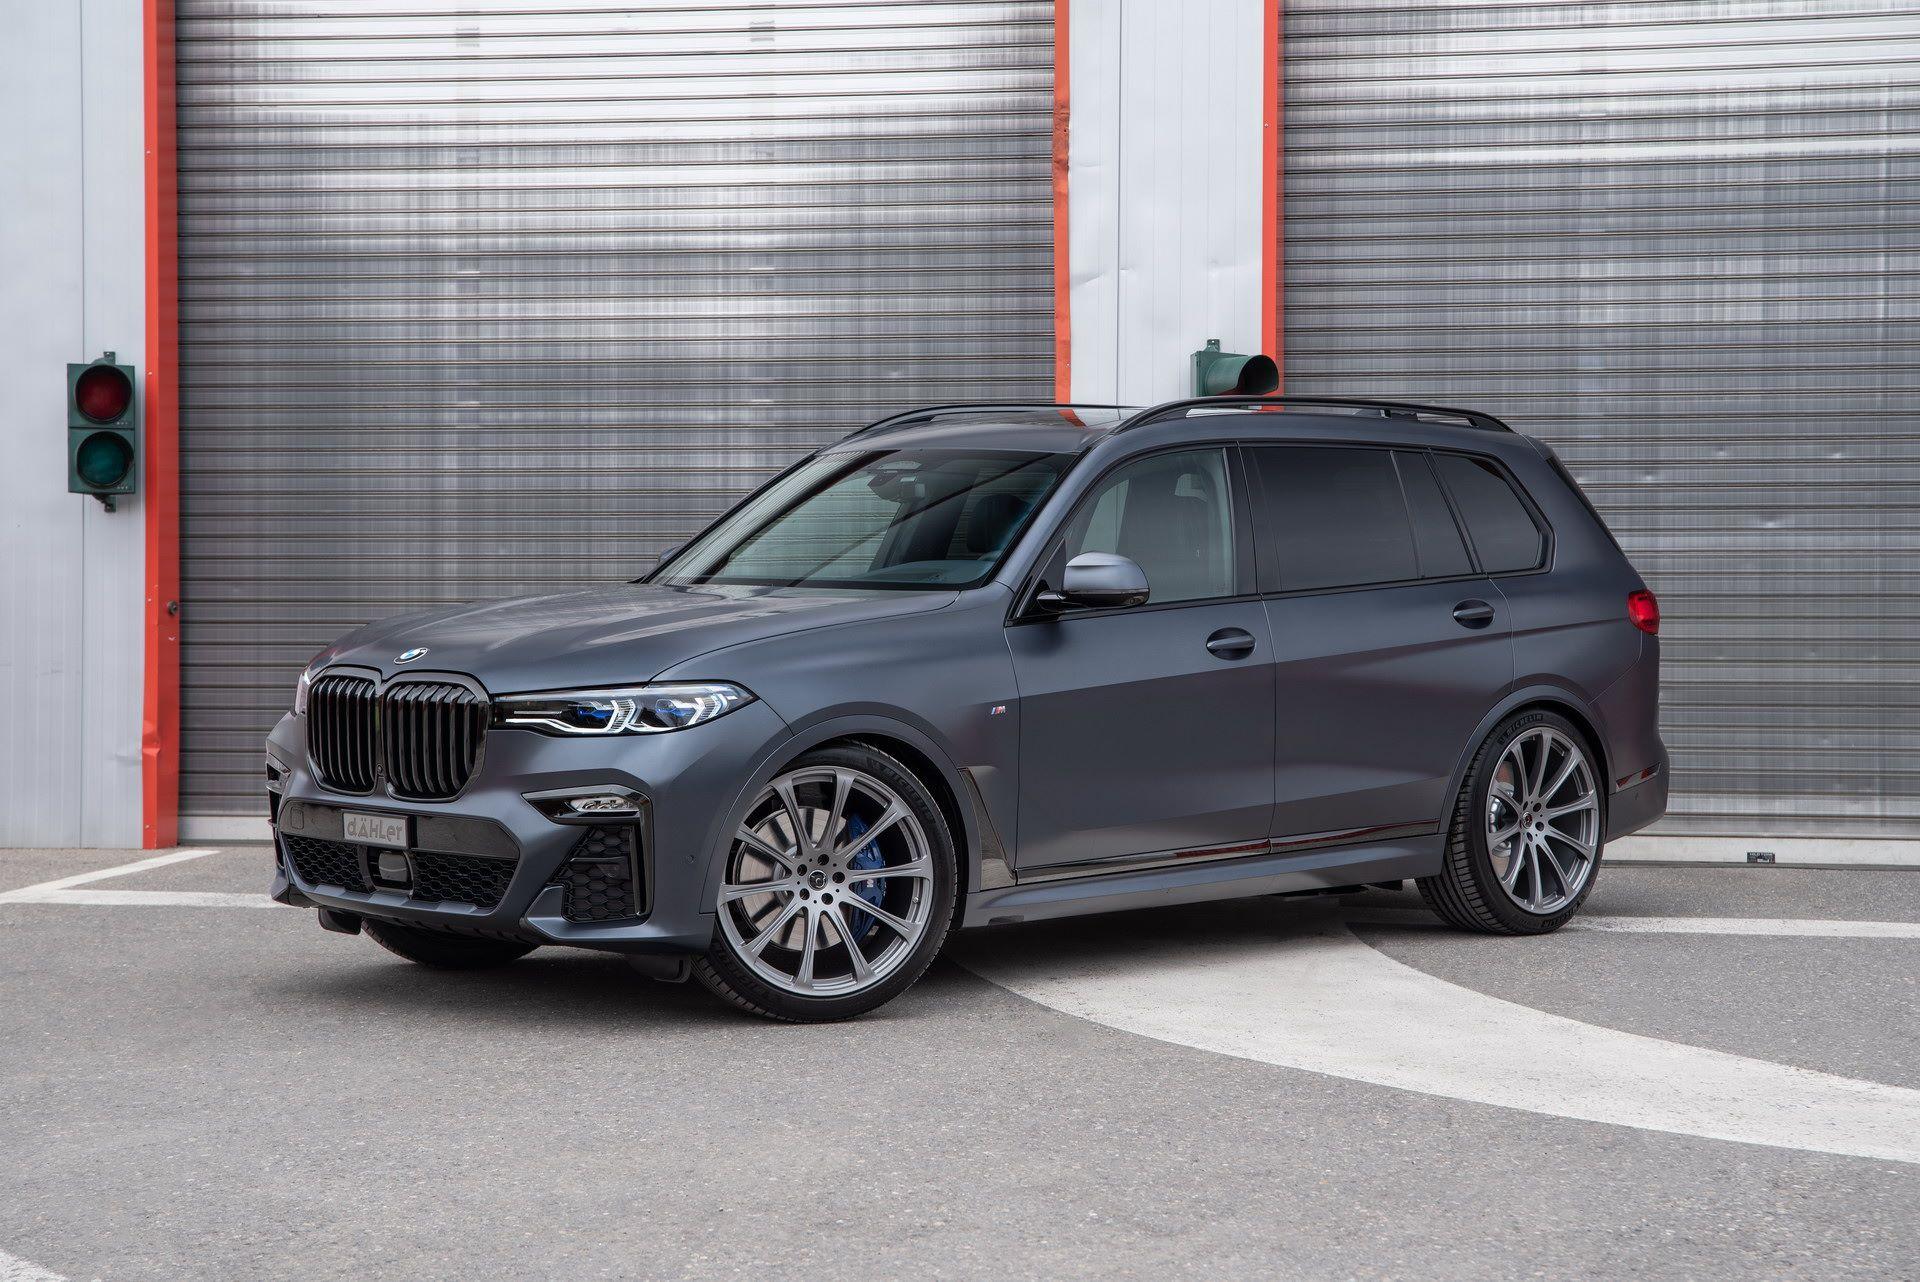 BMW-X7-by-Dahler-2